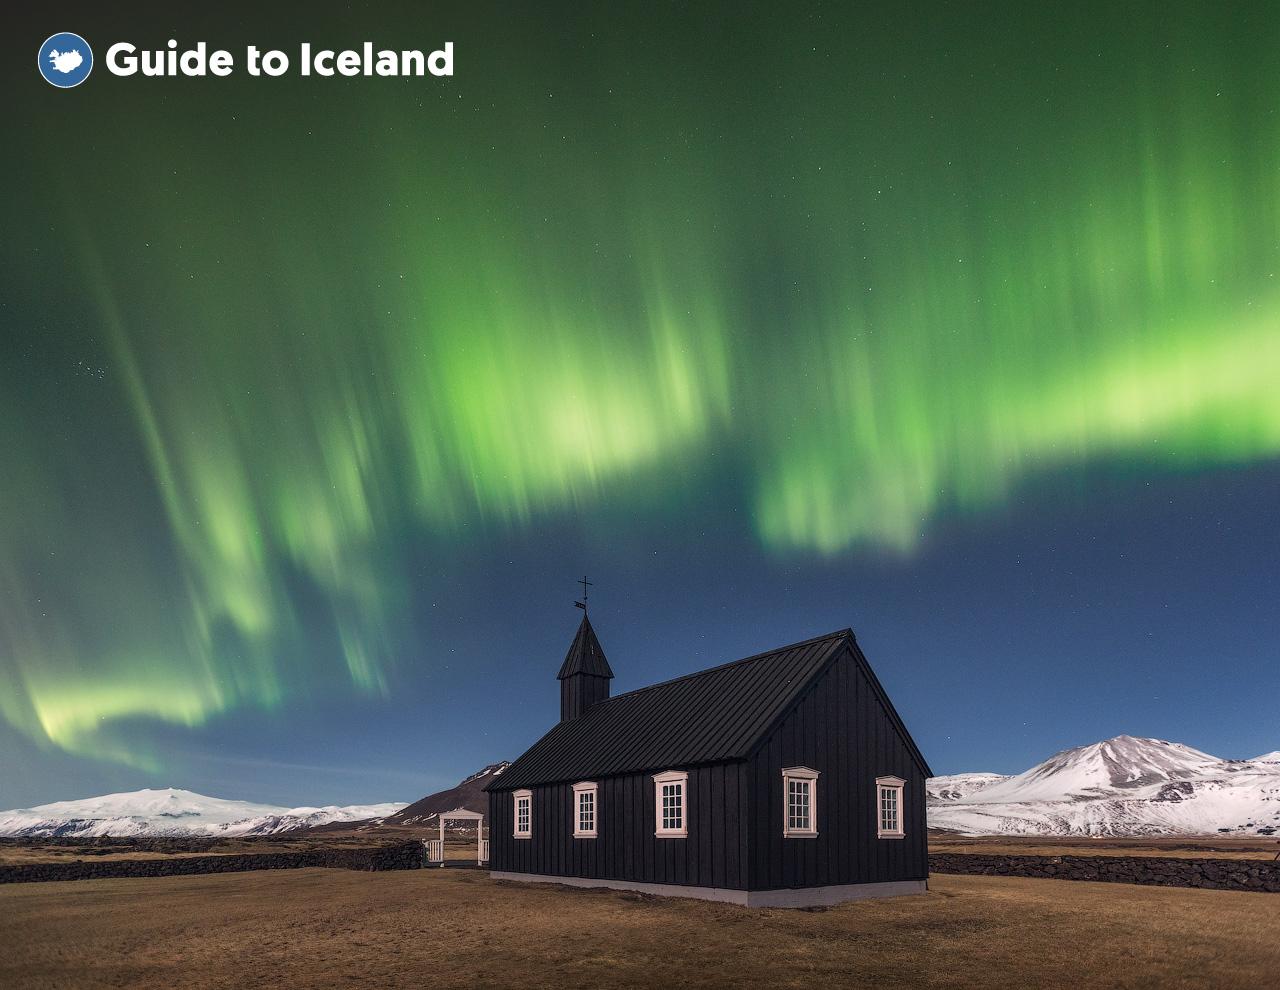 서부 아이슬란드 스나이펠스네스 반도는 인가가 드물어 오로라 헌팅 하기에 최적의 장소입니다.